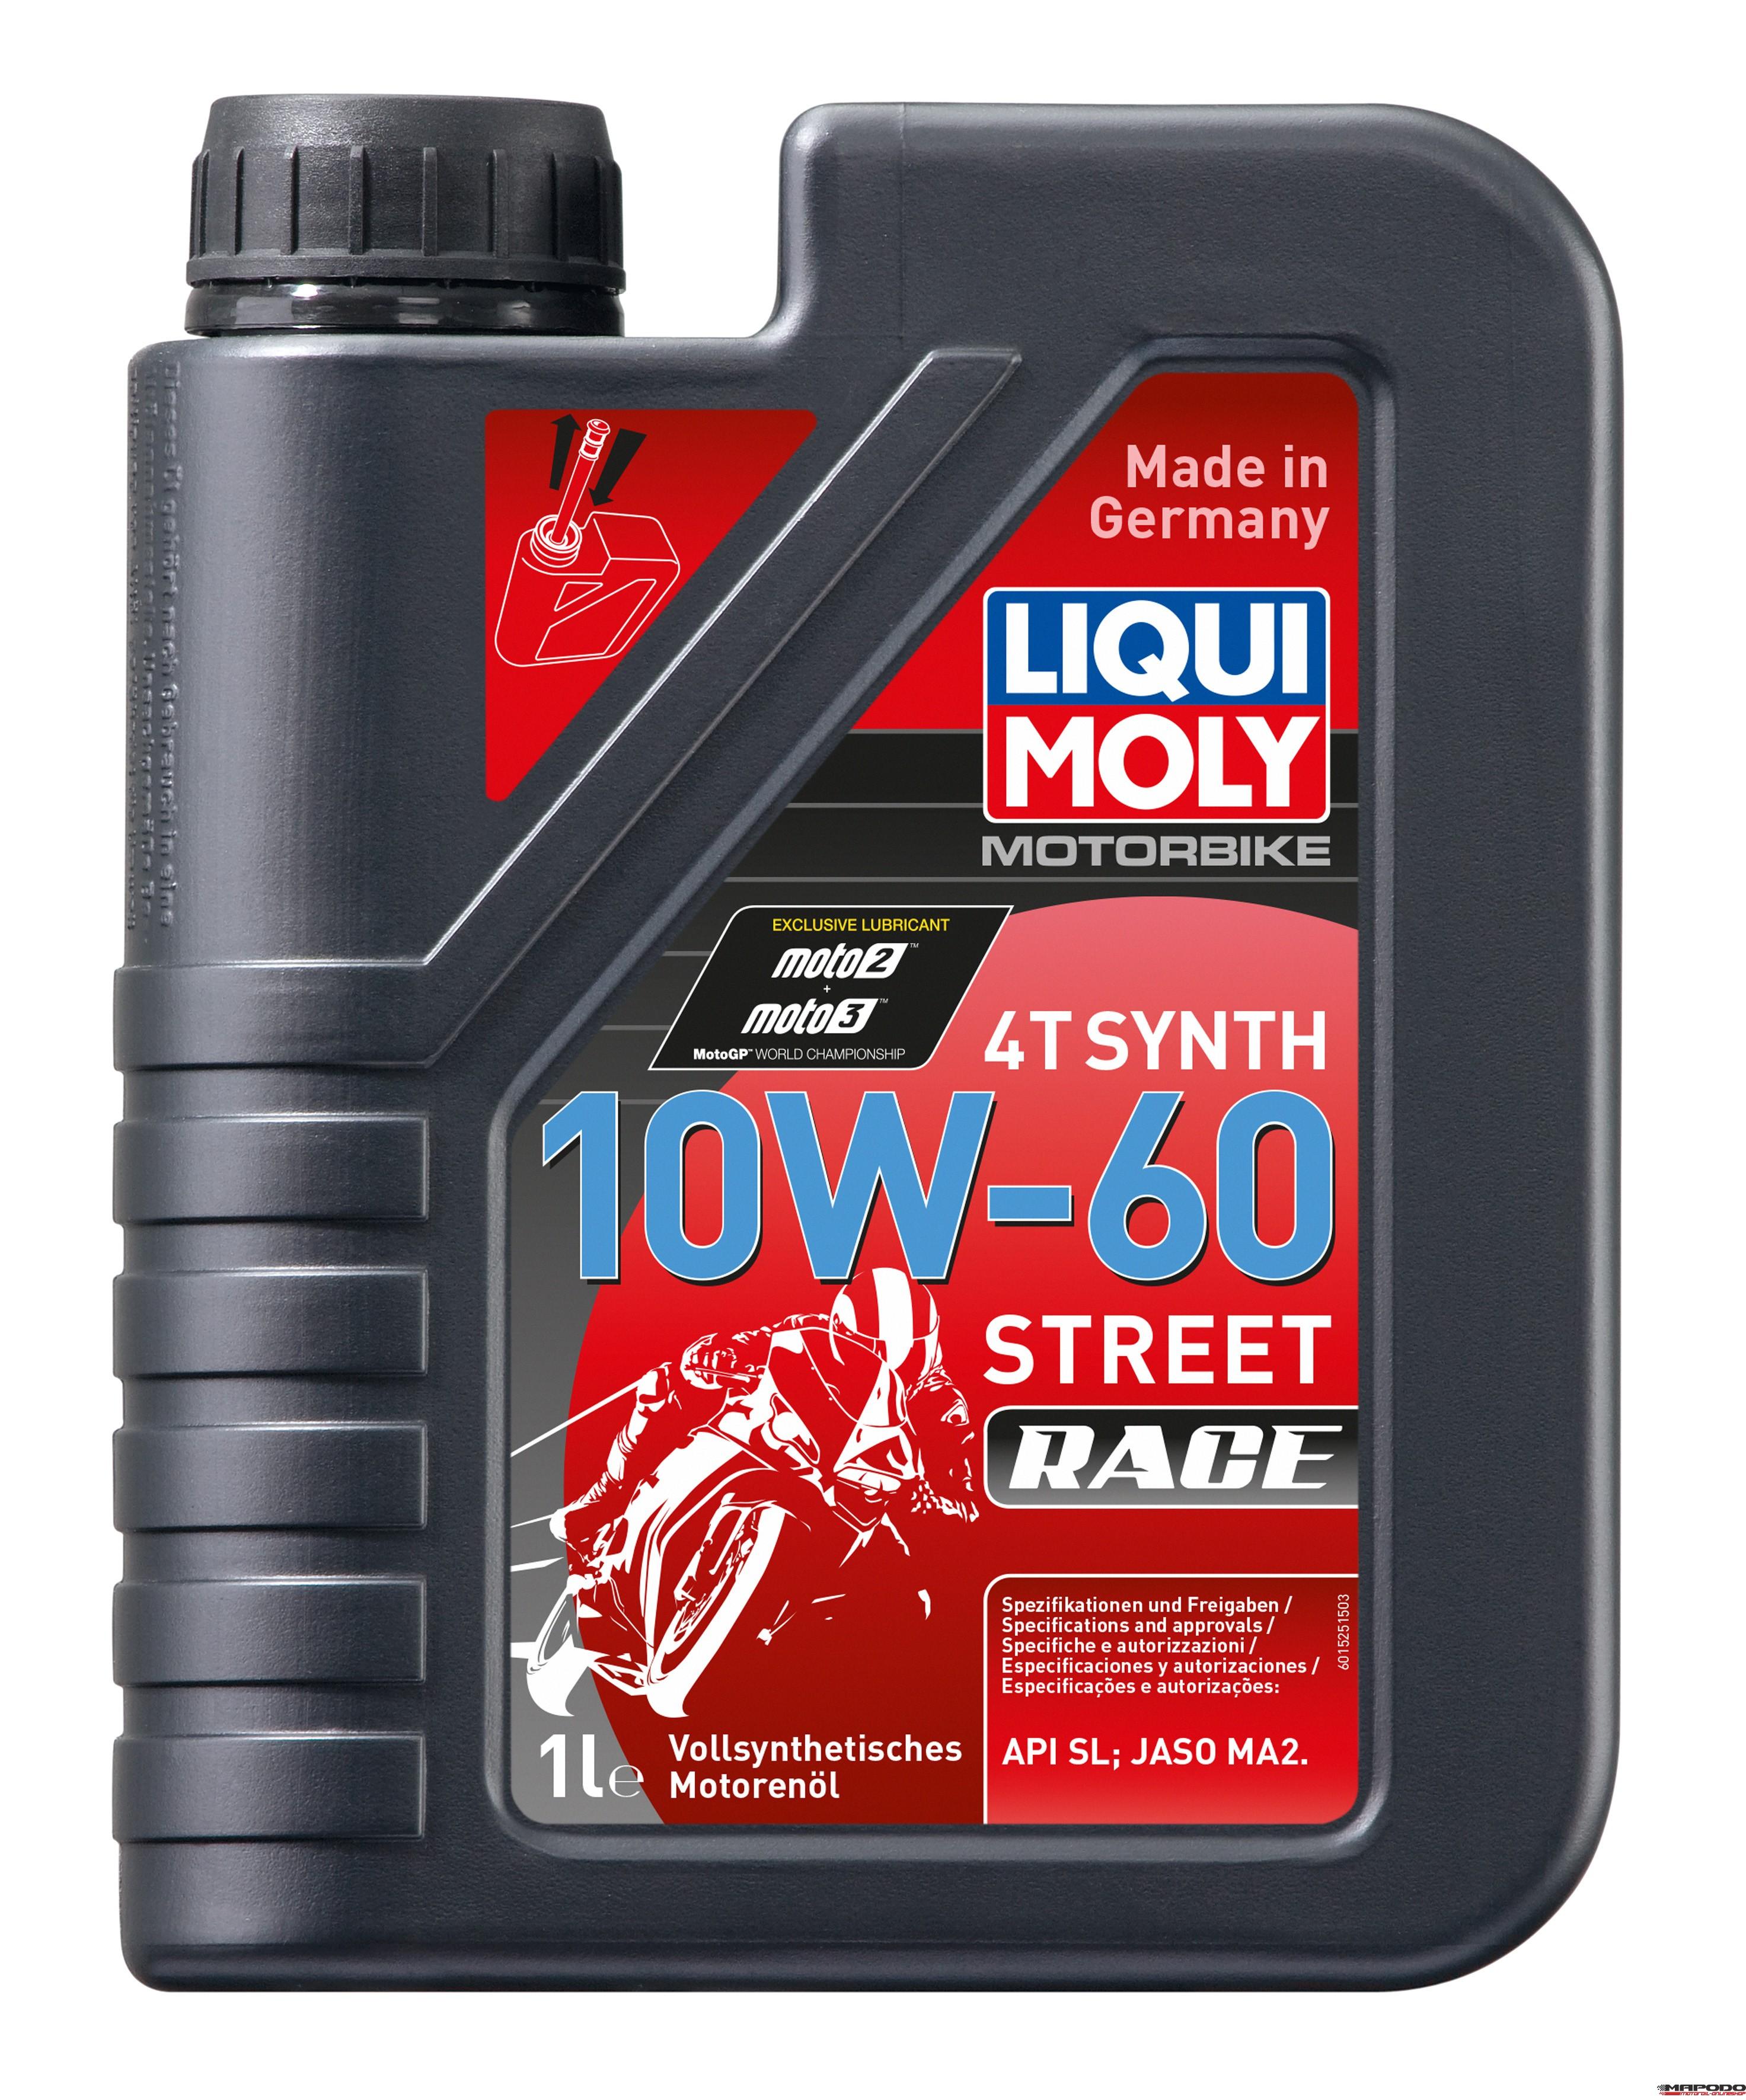 Motorbike 4T Synth 10W-60 Street Race 1L